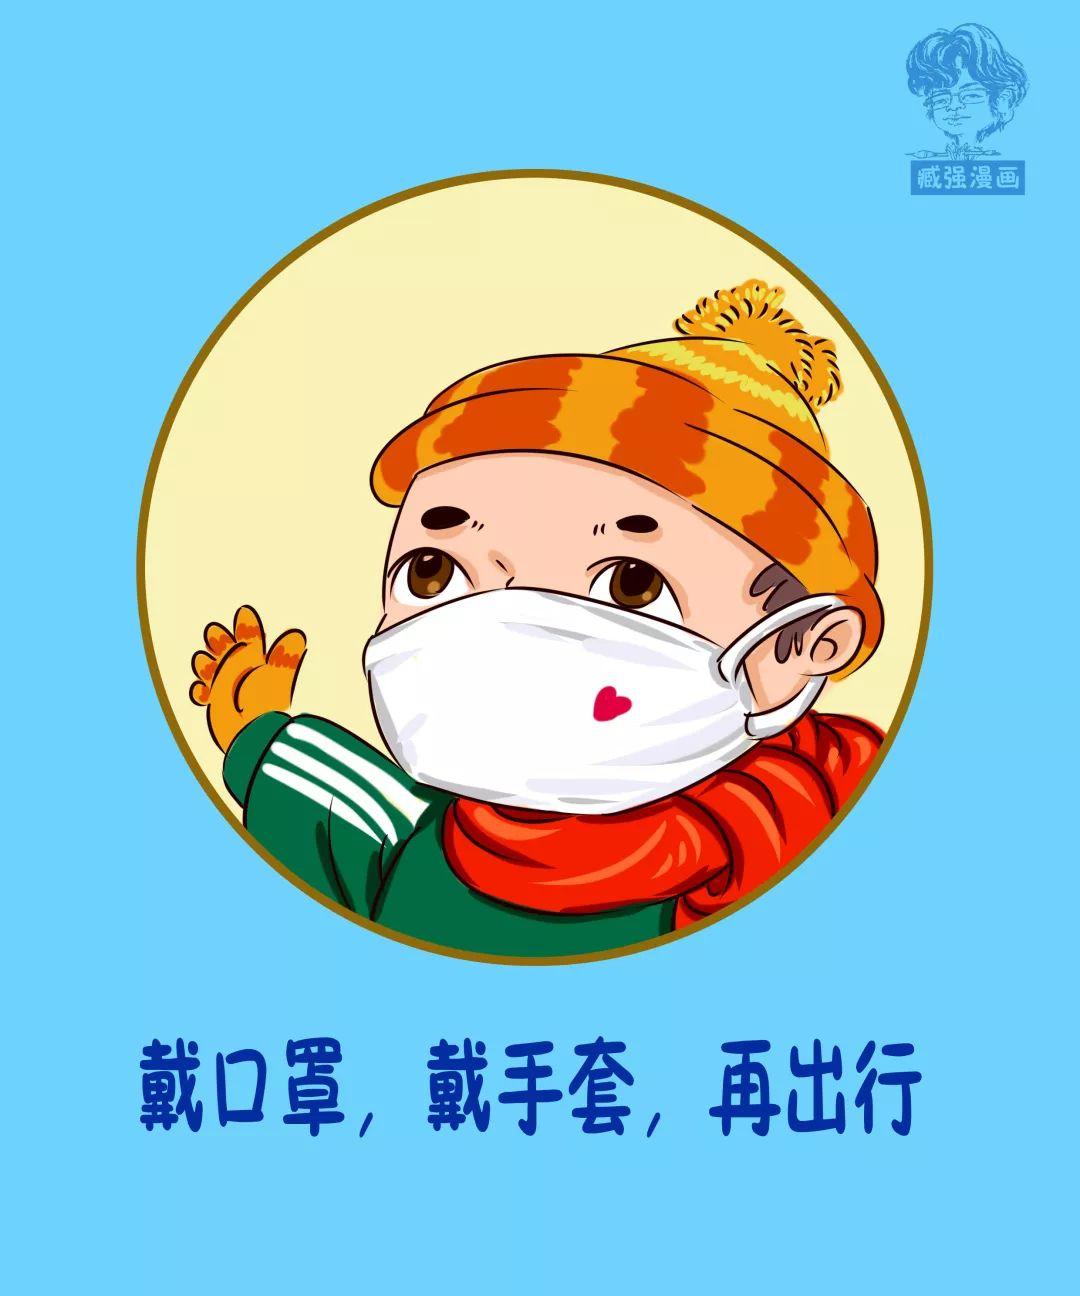 市教育局发布新冠肺炎儿童防护指南